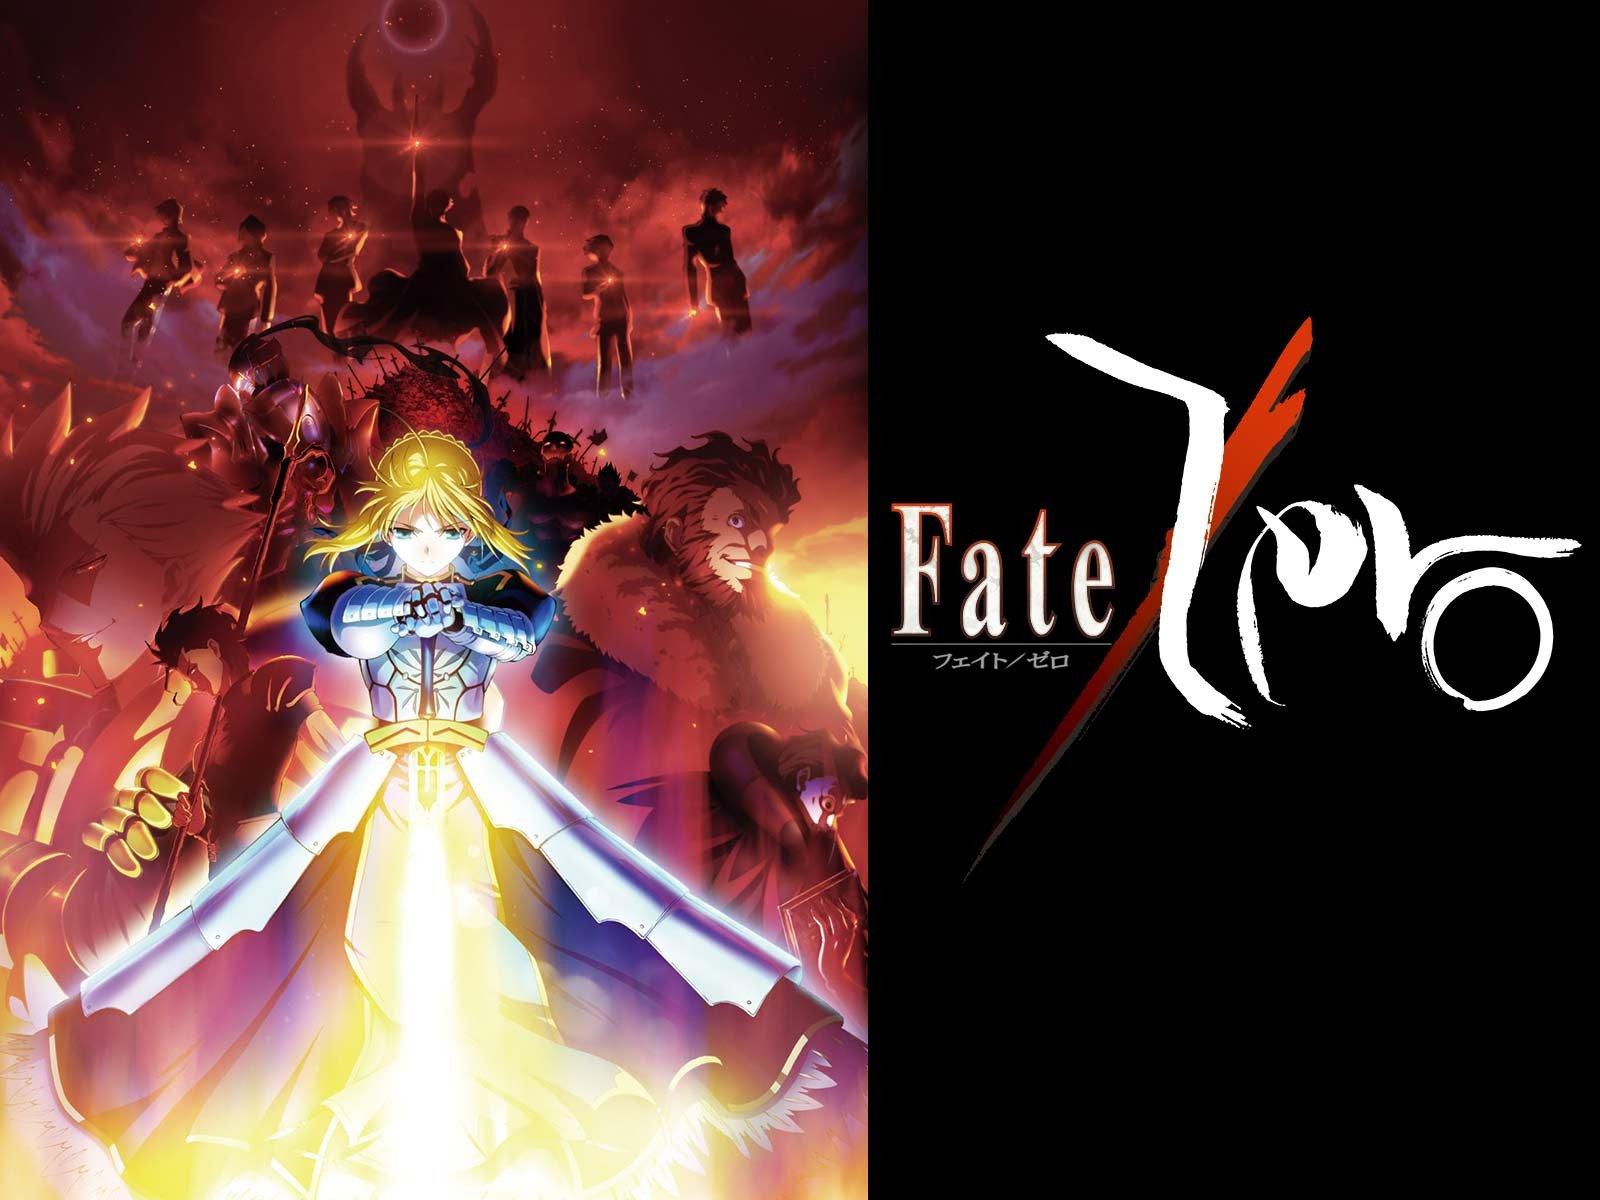 Amazon Co Jp Fate Zero 2ndシーズンを観る Prime Video